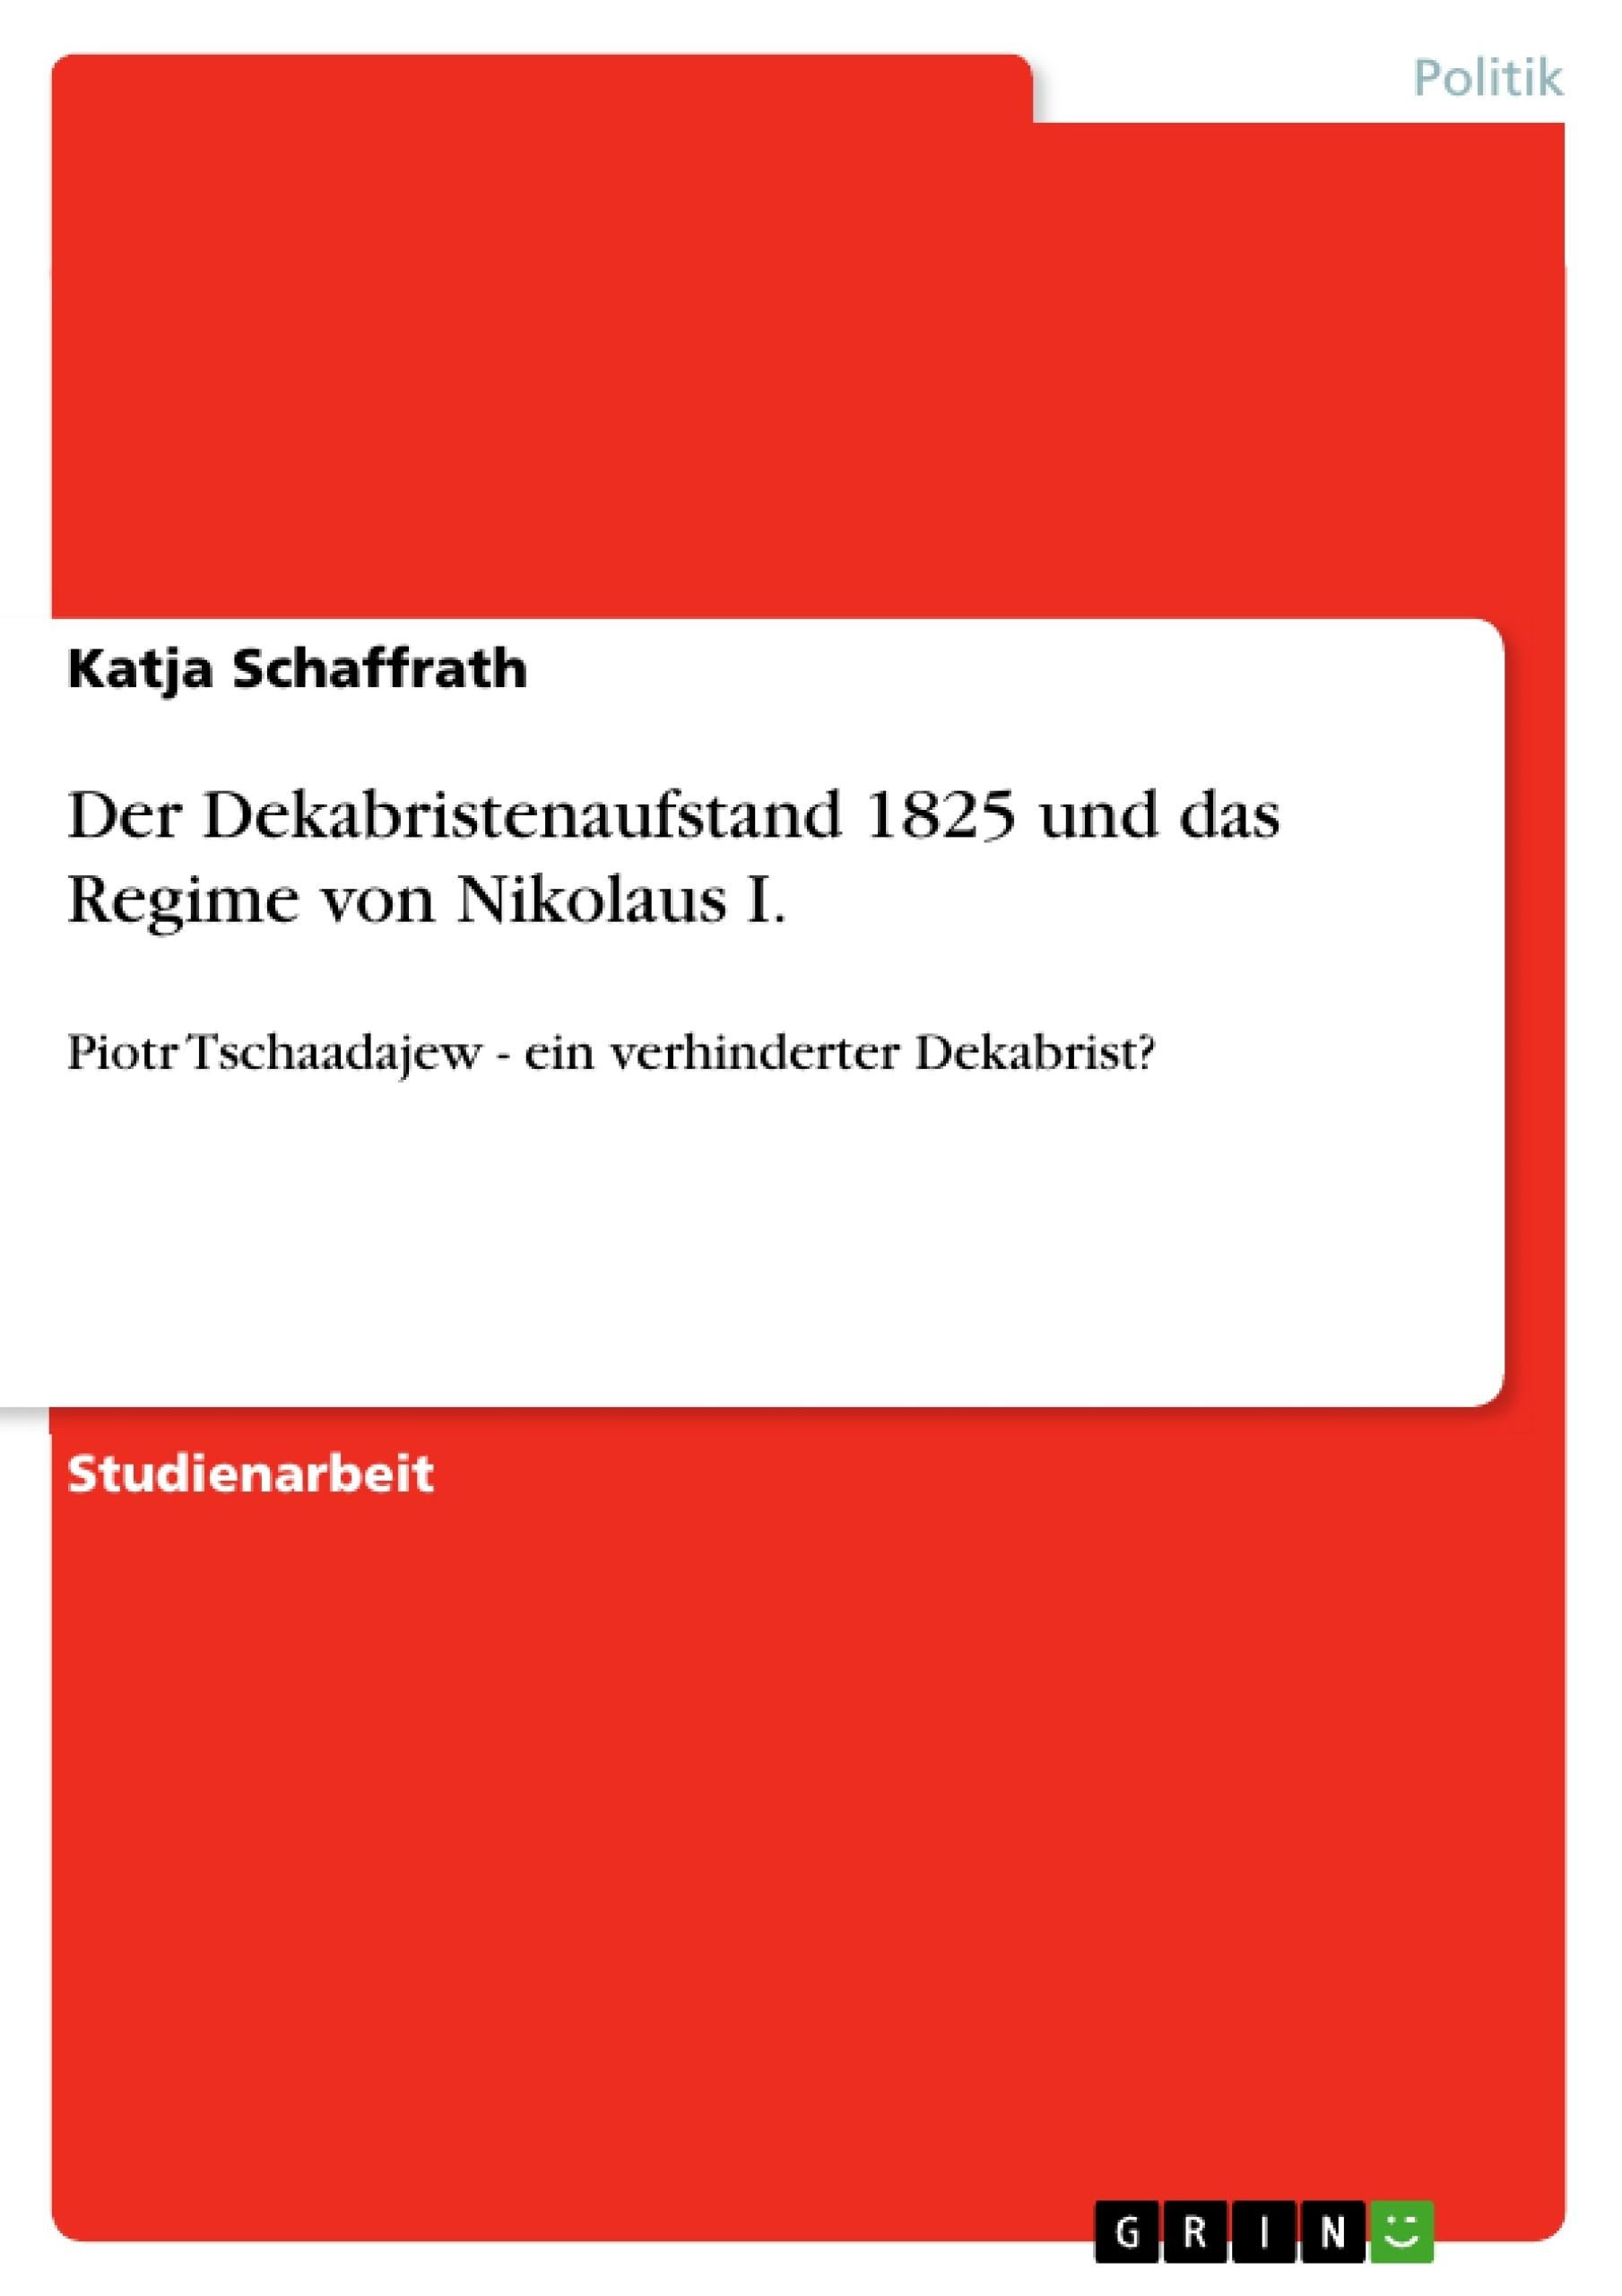 Titel: Der Dekabristenaufstand 1825 und das Regime von Nikolaus I.